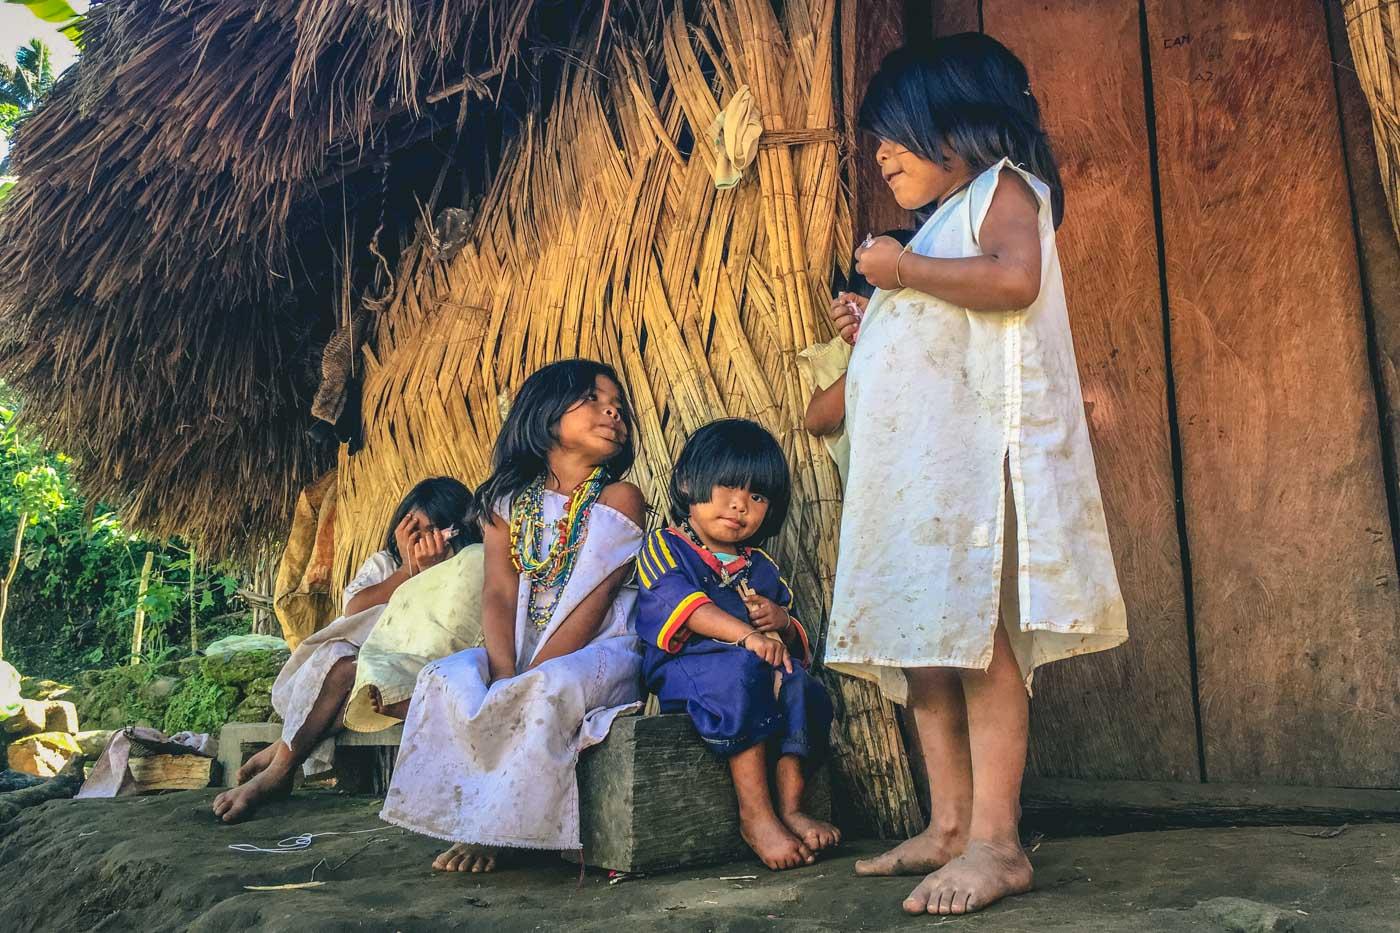 Indigenous kids at the Lost City, Santa Marta